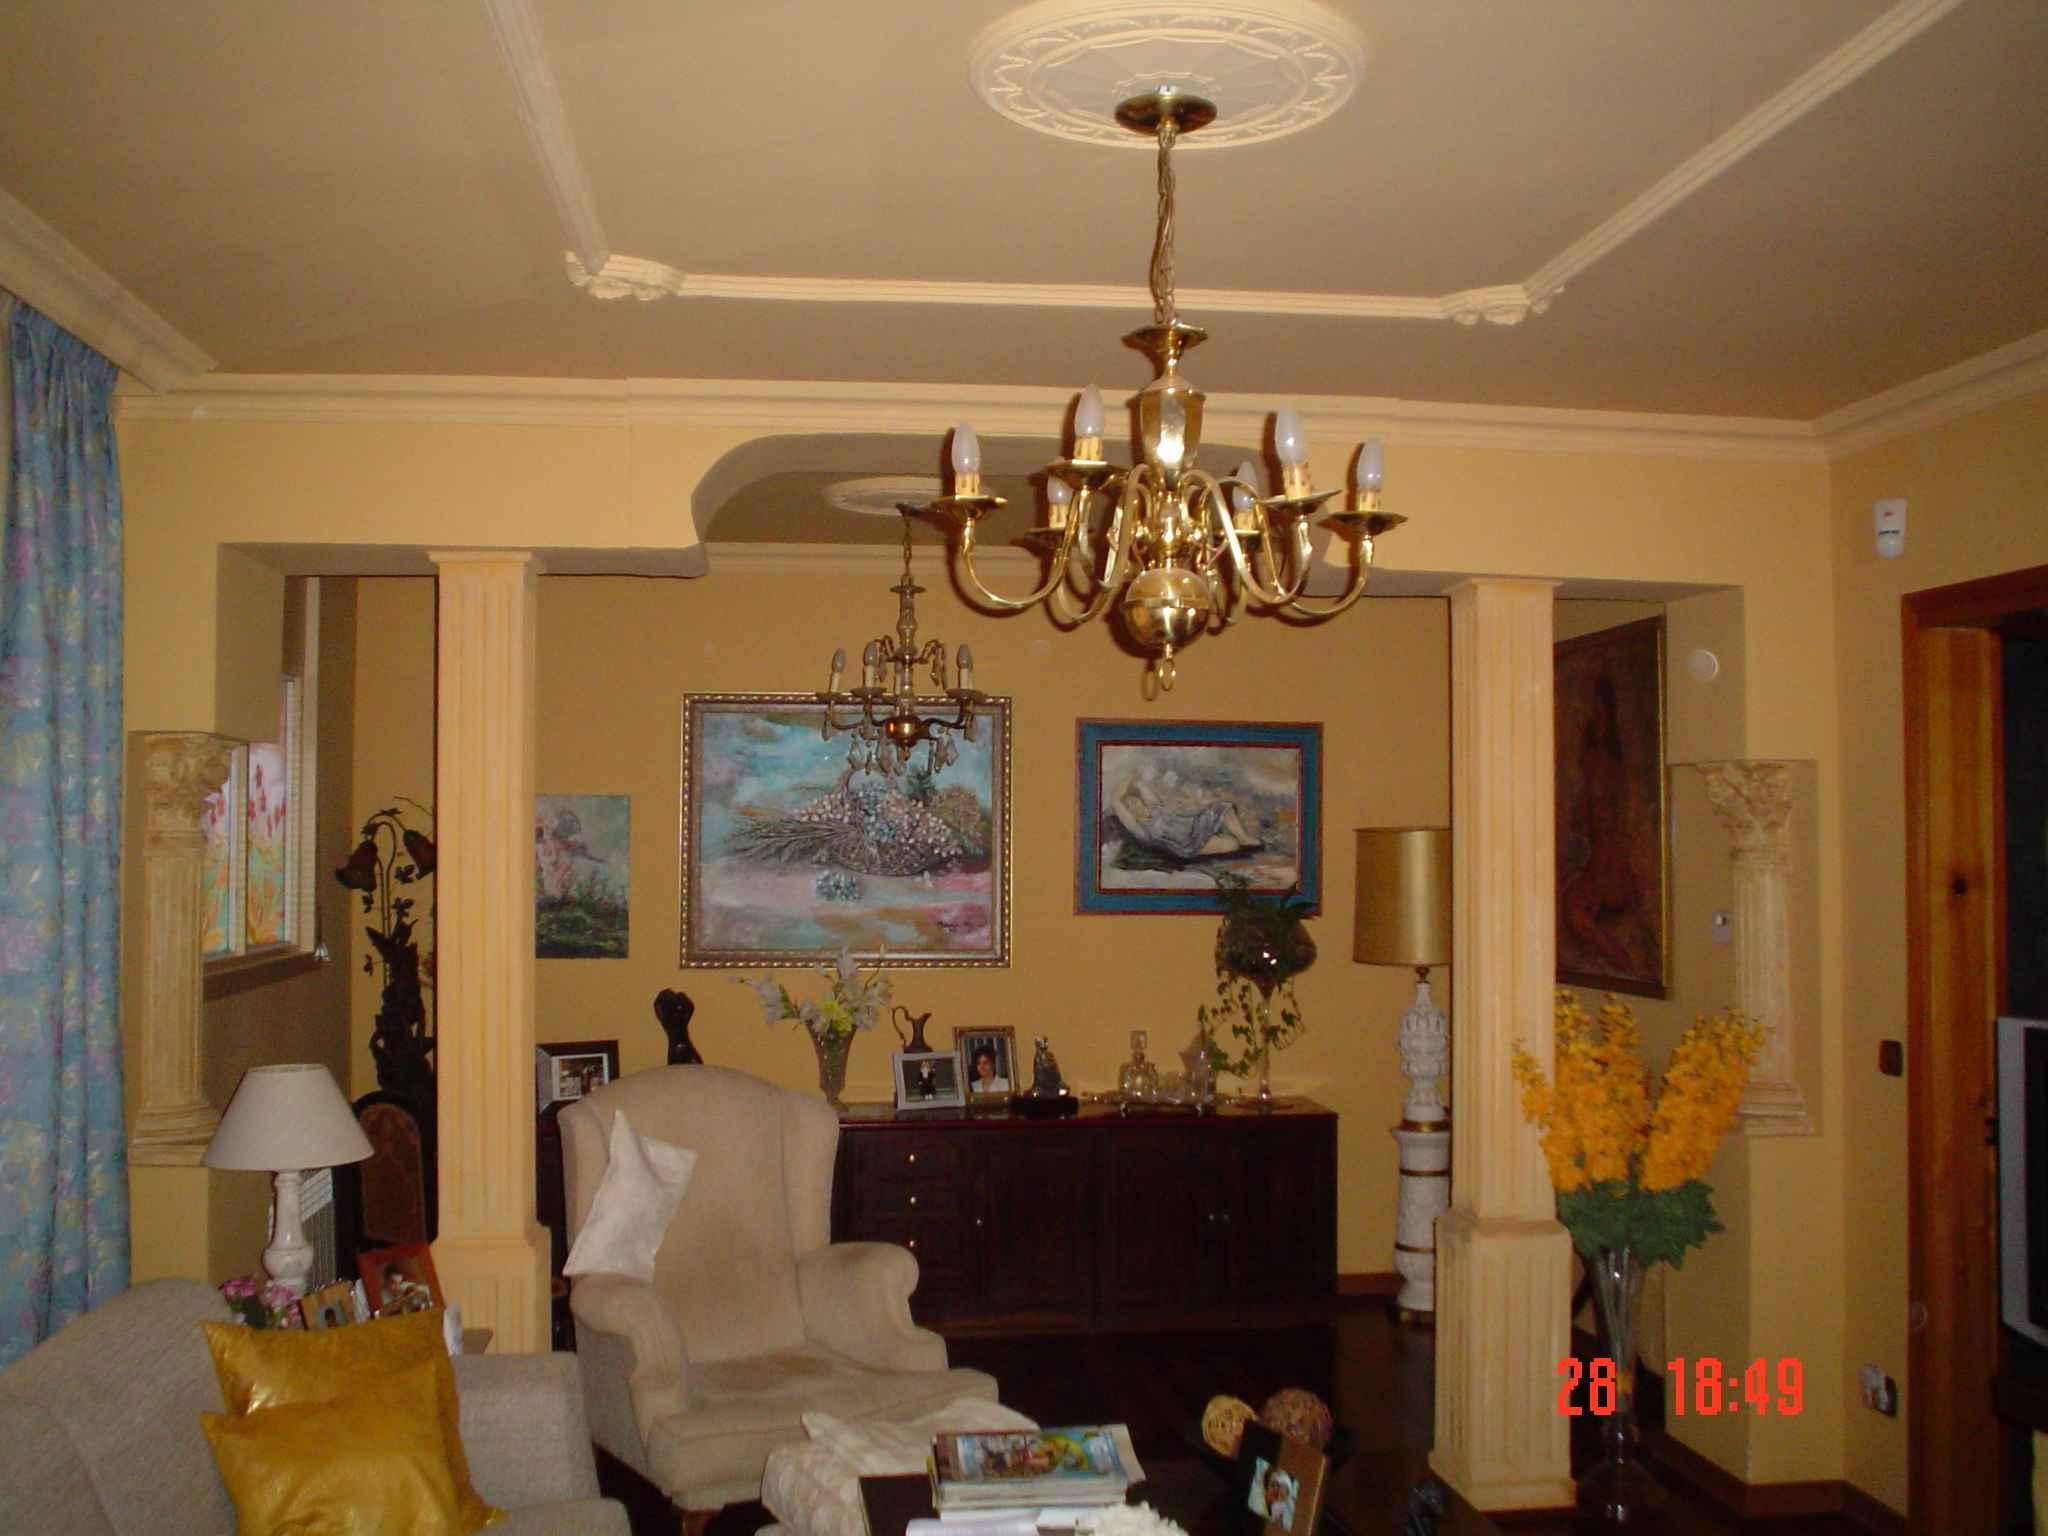 Pintura pintamos fachadas exteriores interiores casas for Pintura para interiores de casa